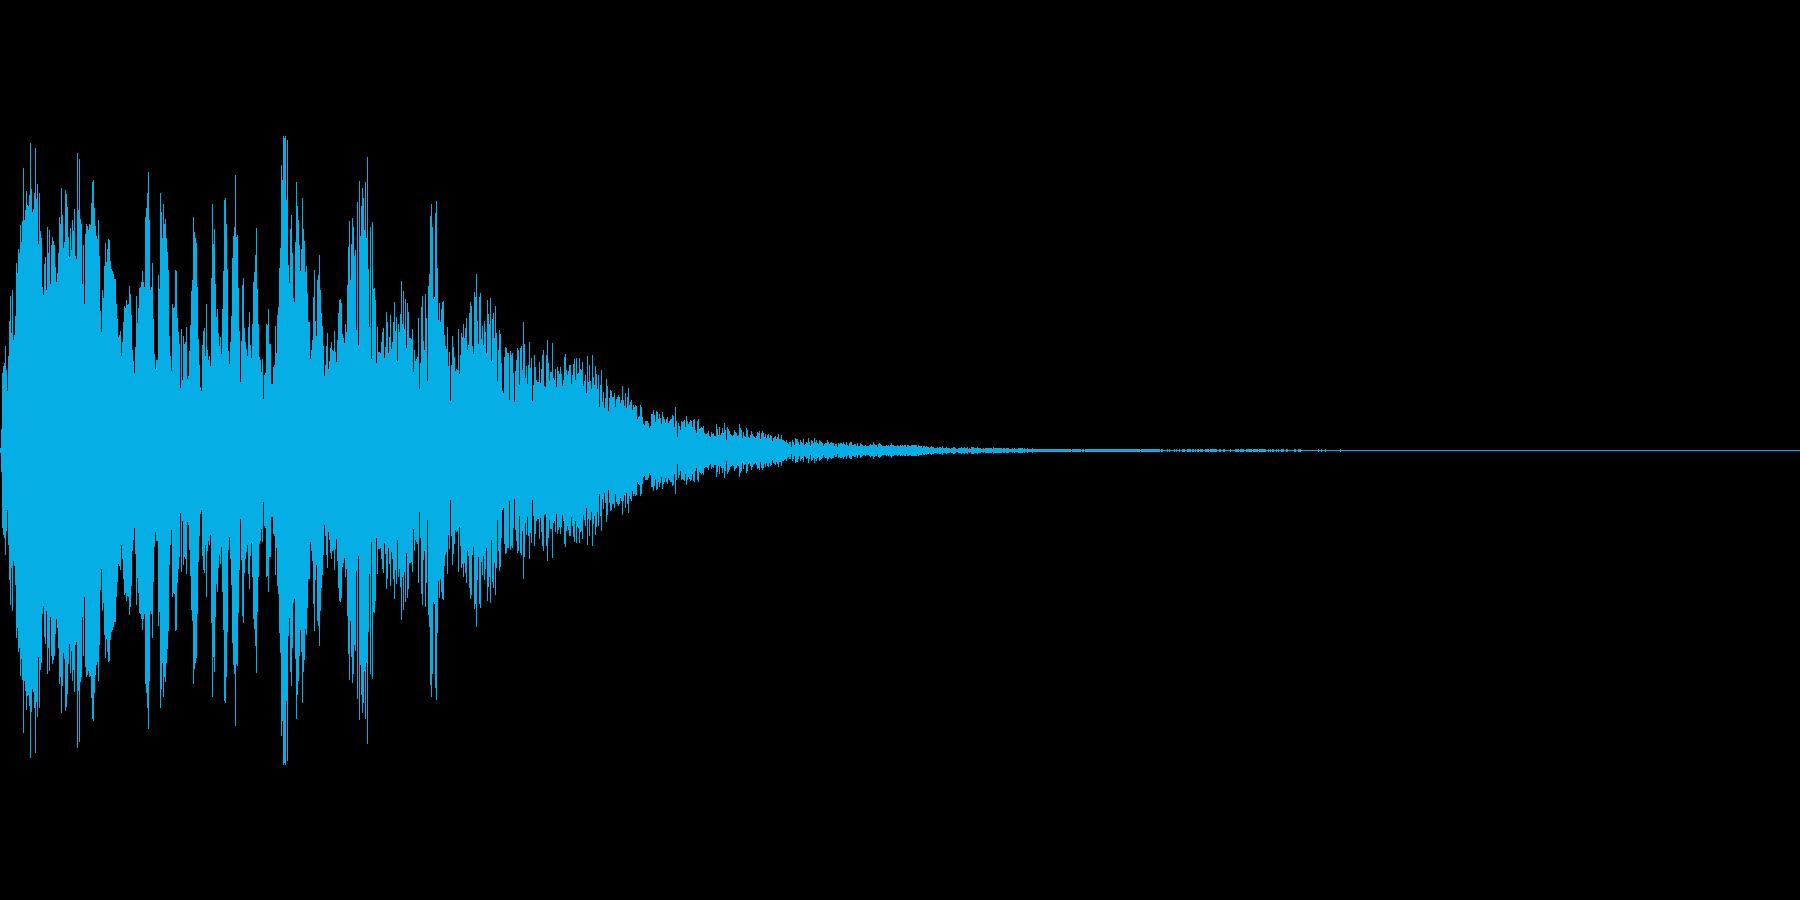 呪文を唱える効果音の再生済みの波形